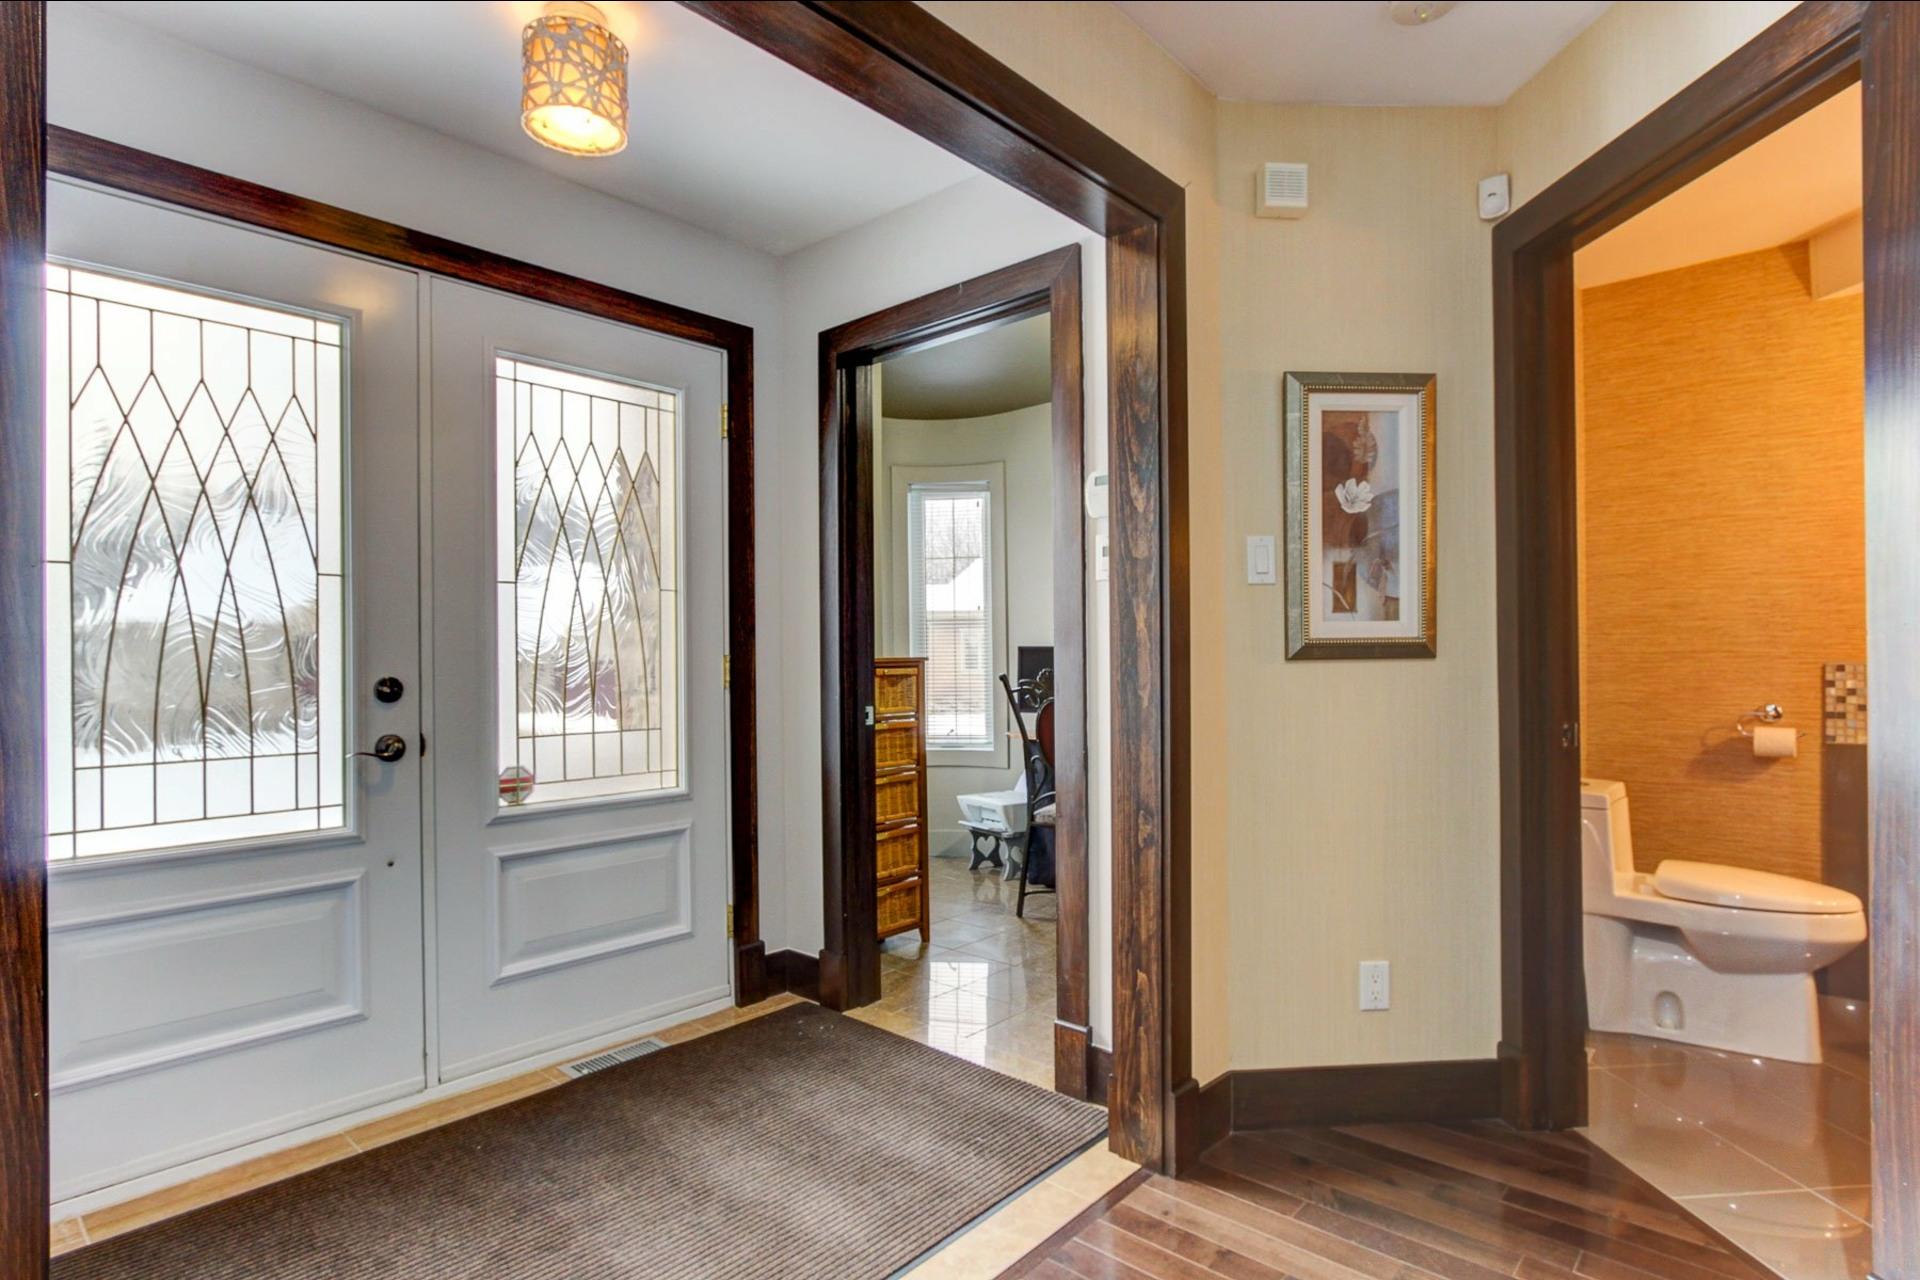 image 8 - Maison À vendre Trois-Rivières - 17 pièces